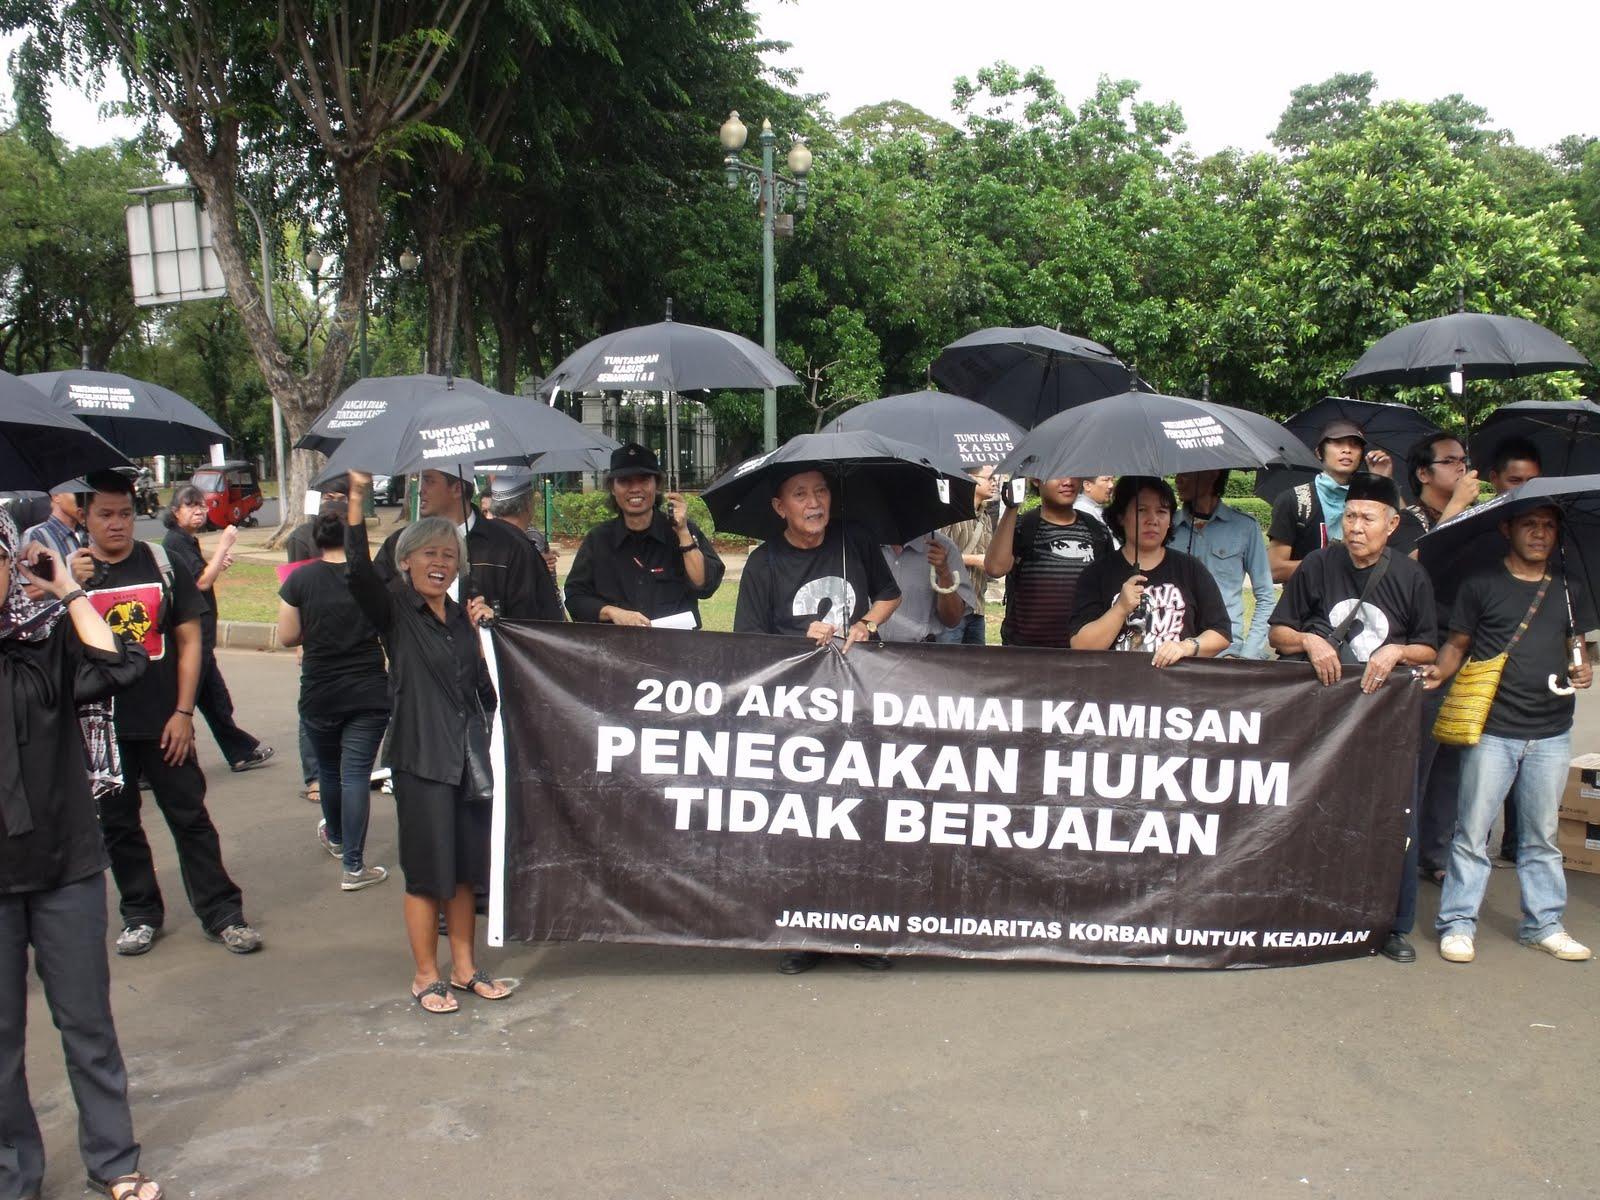 Kasus Pelanggaran Ham Berat Di Dunia Contoh Kasus Kasus Pelanggaran Ham Di Indonesia Contoh Skripsi Hukum Pidana Hukum Pidana Terbagi Menjadi Dua Bagian